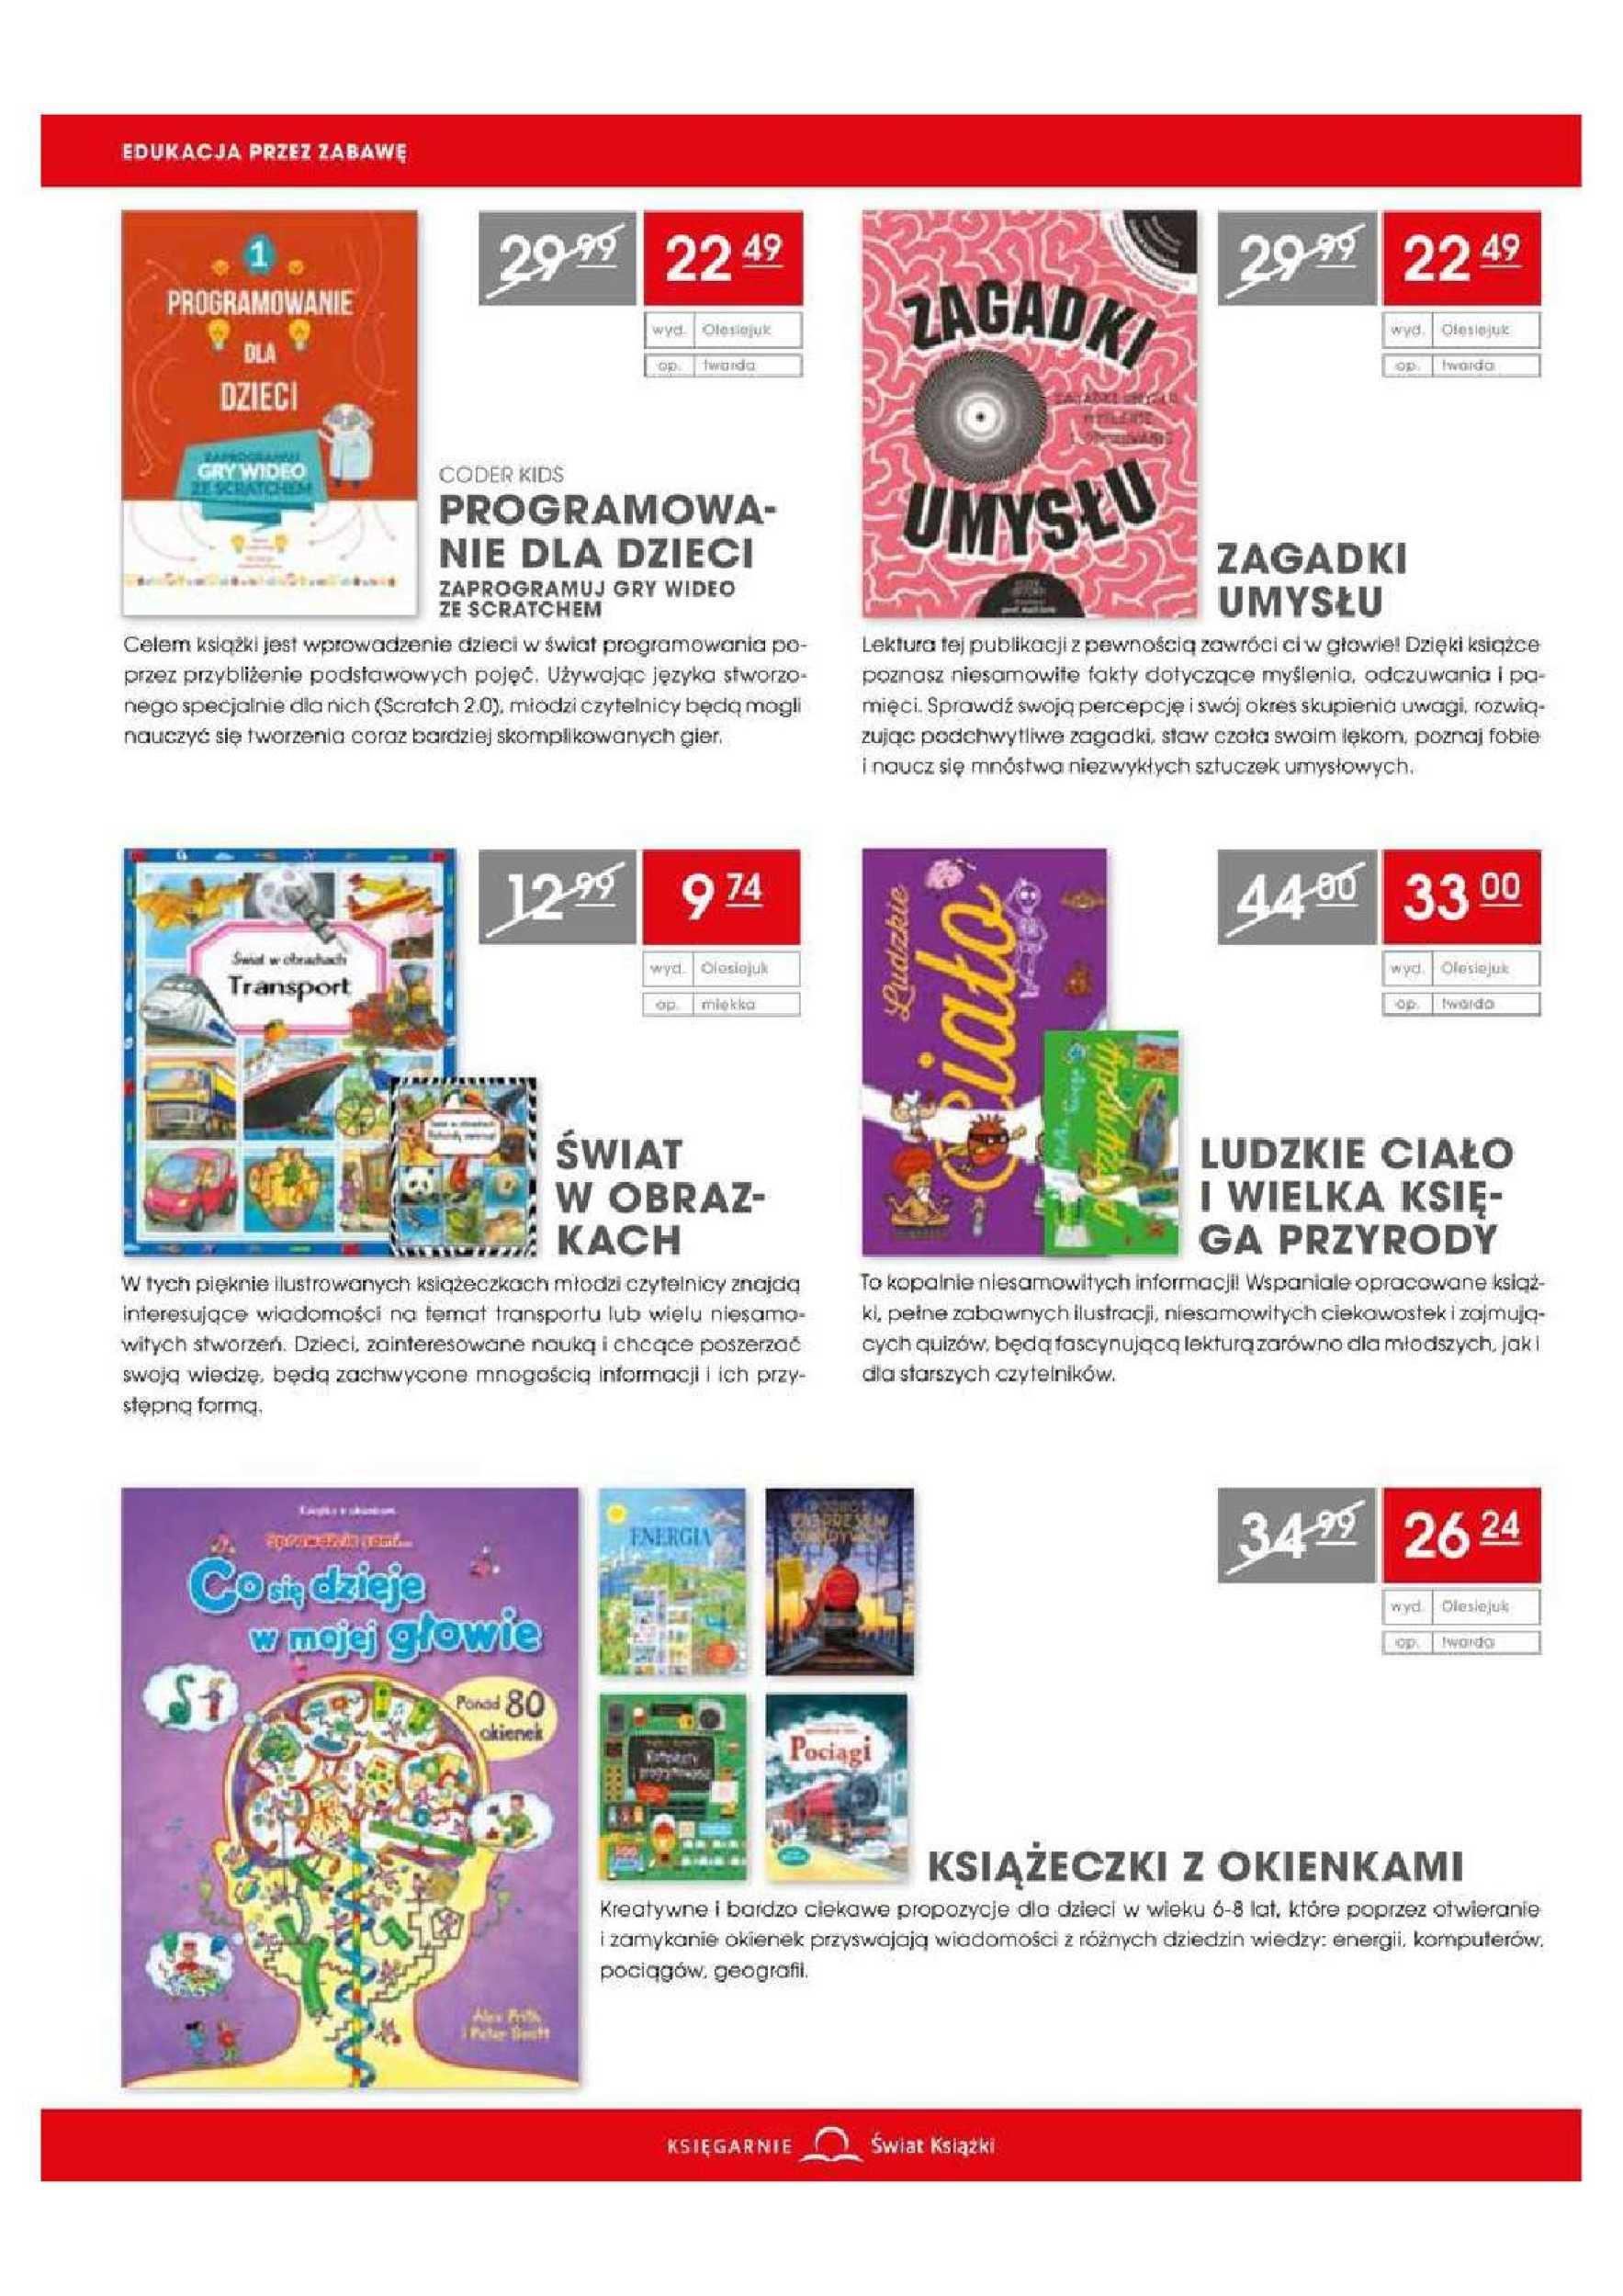 Nowy katalog / strona 10 z 44